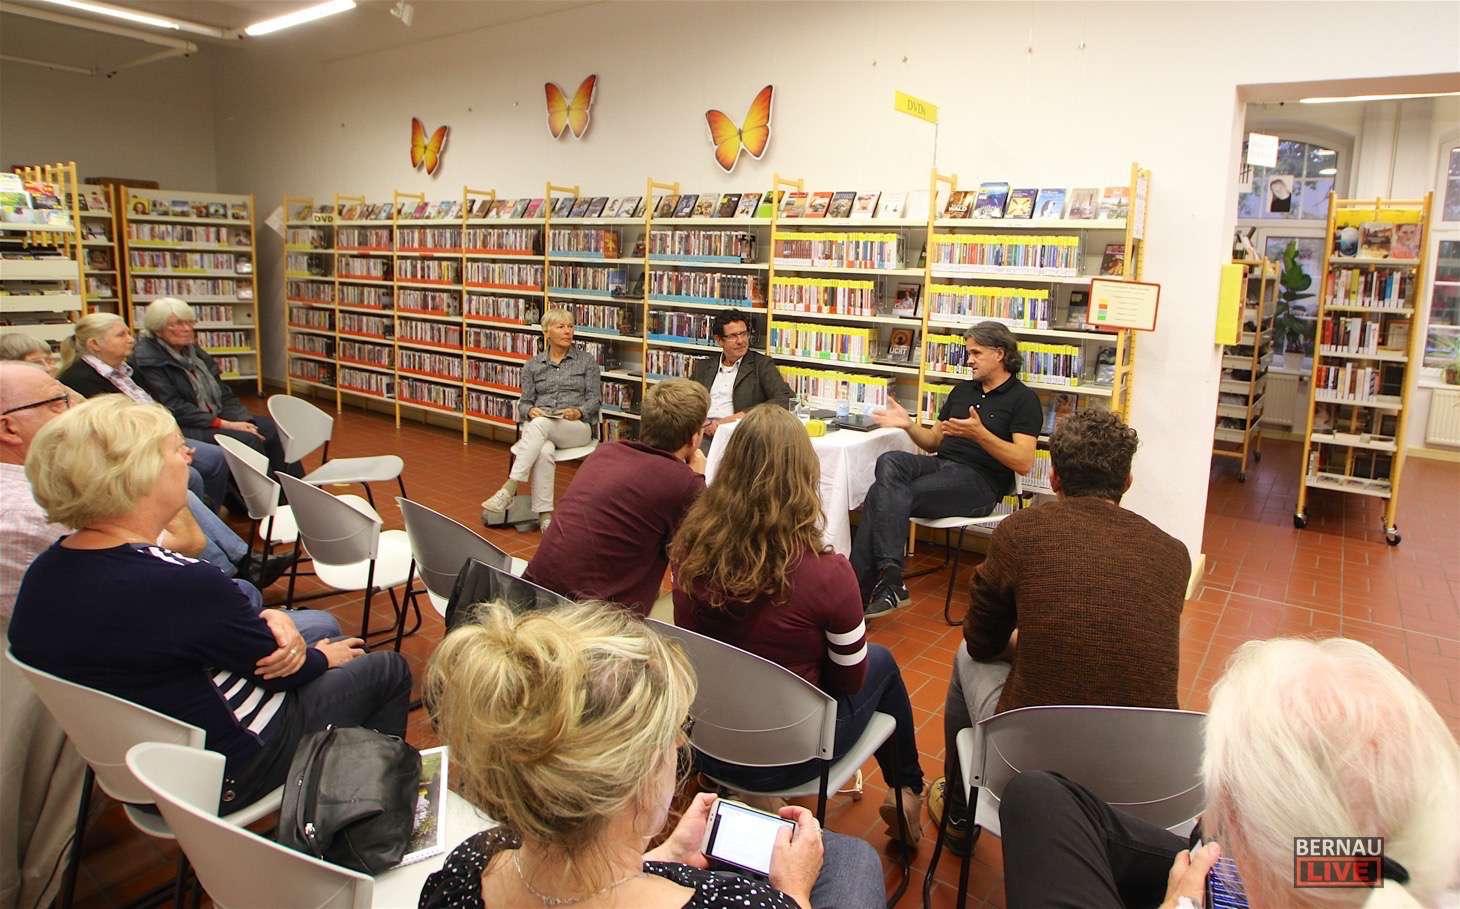 Bernau: Wie werden Nachrichten gemacht - Journalisten informierten